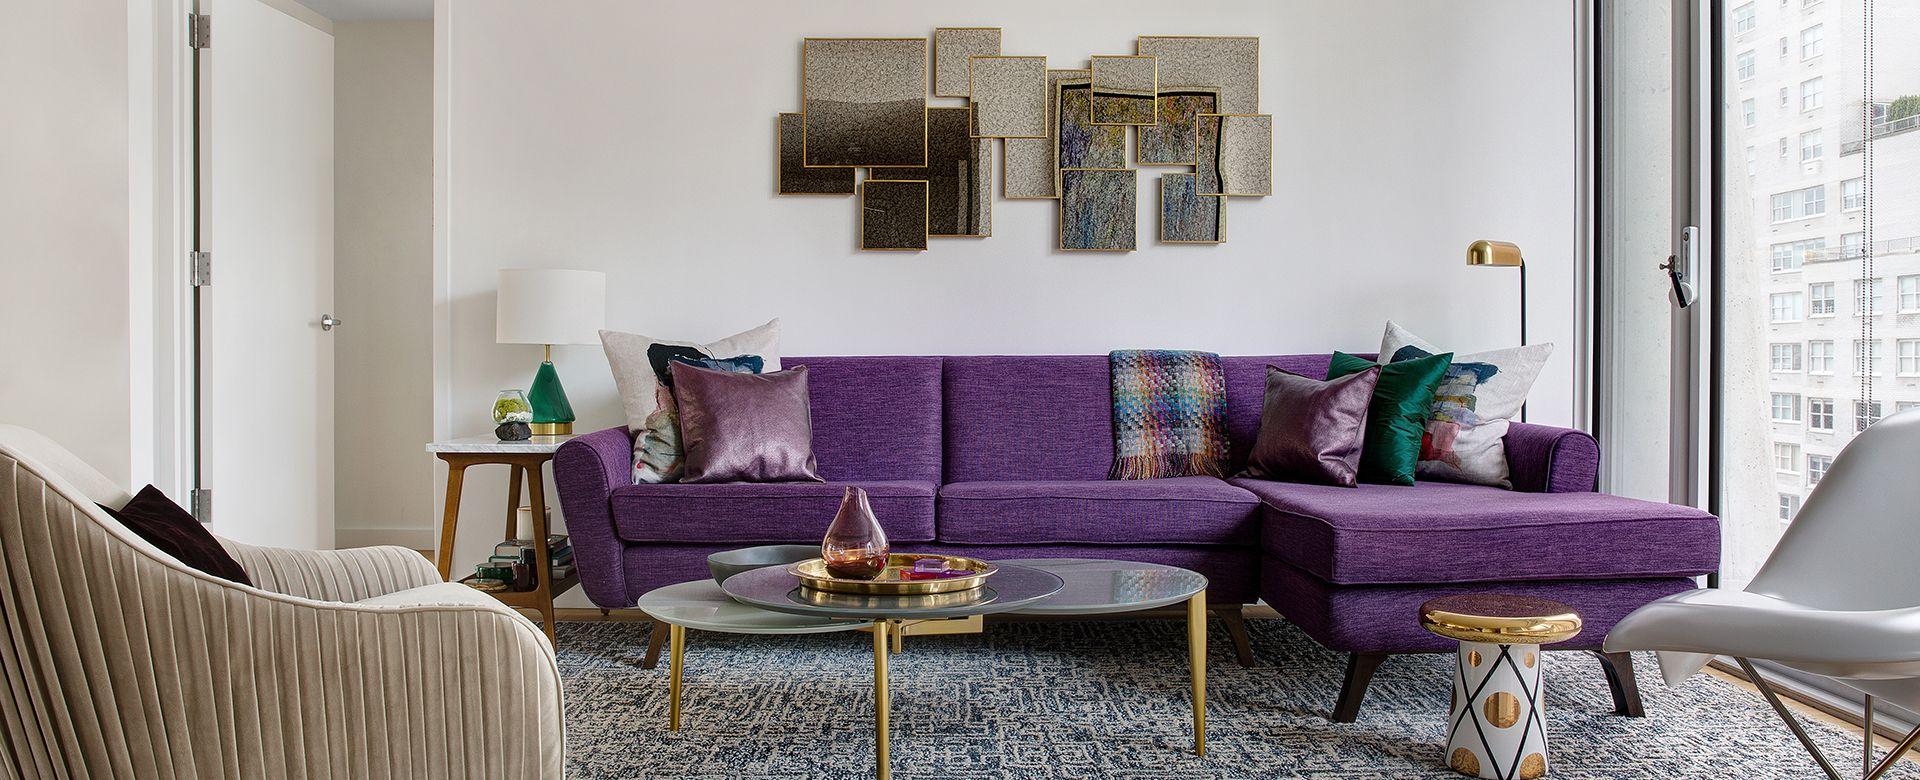 A New York City Apartment Gets An interior Design Upgrade ...